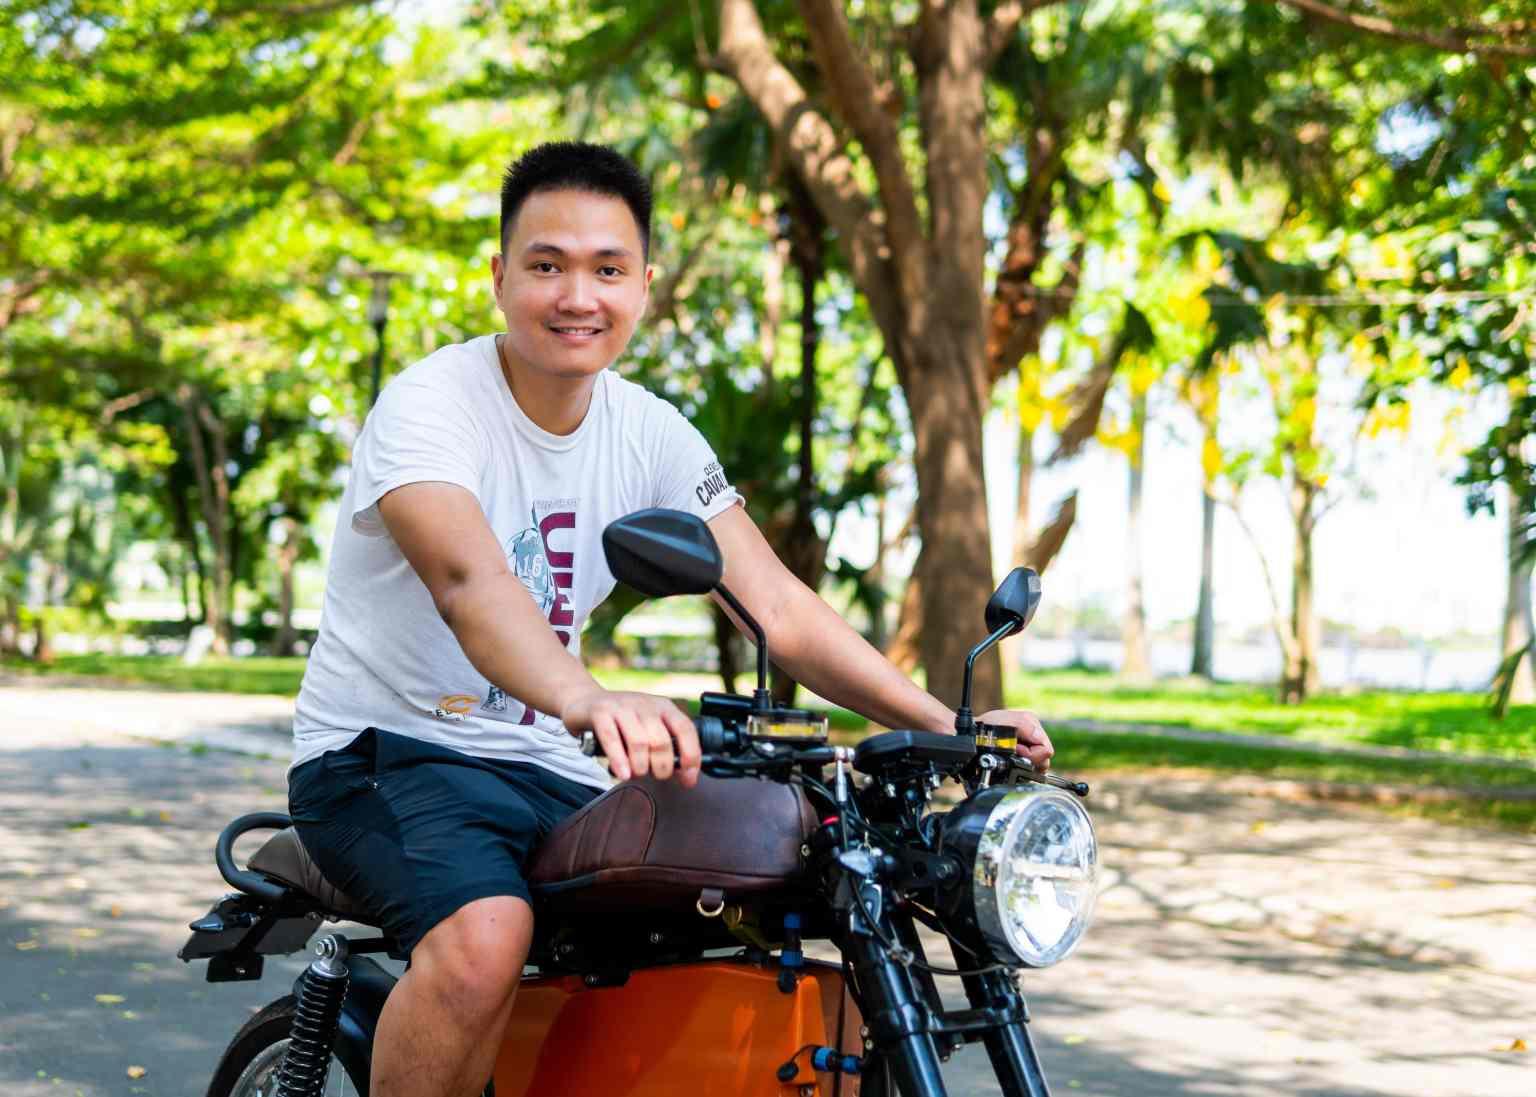 Startup xe máy điện Dat Bike gọi vốn được 2,6 triệu USD